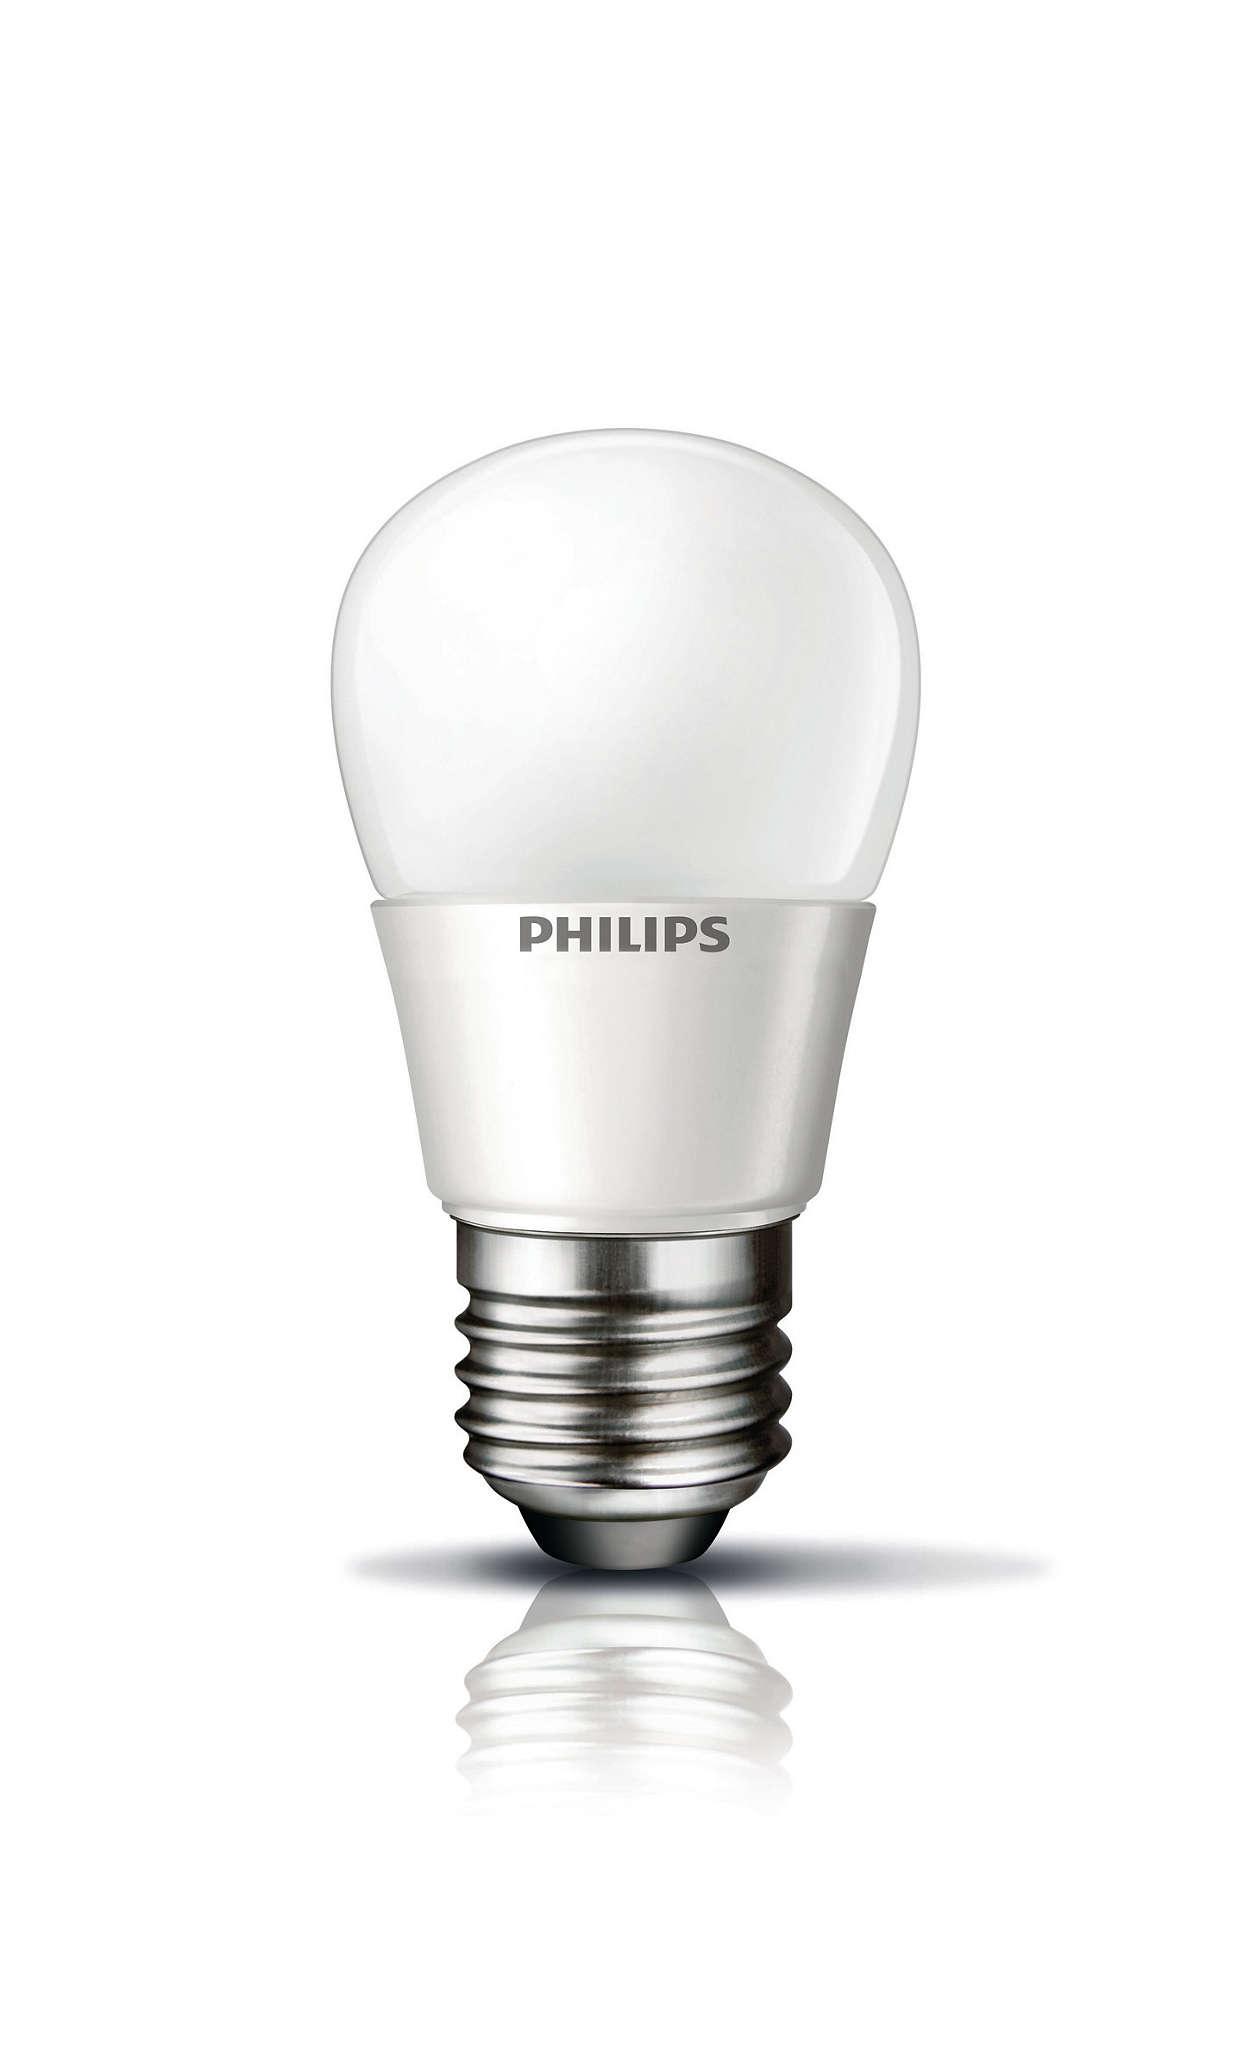 Poupança de energia sem comprometimentos